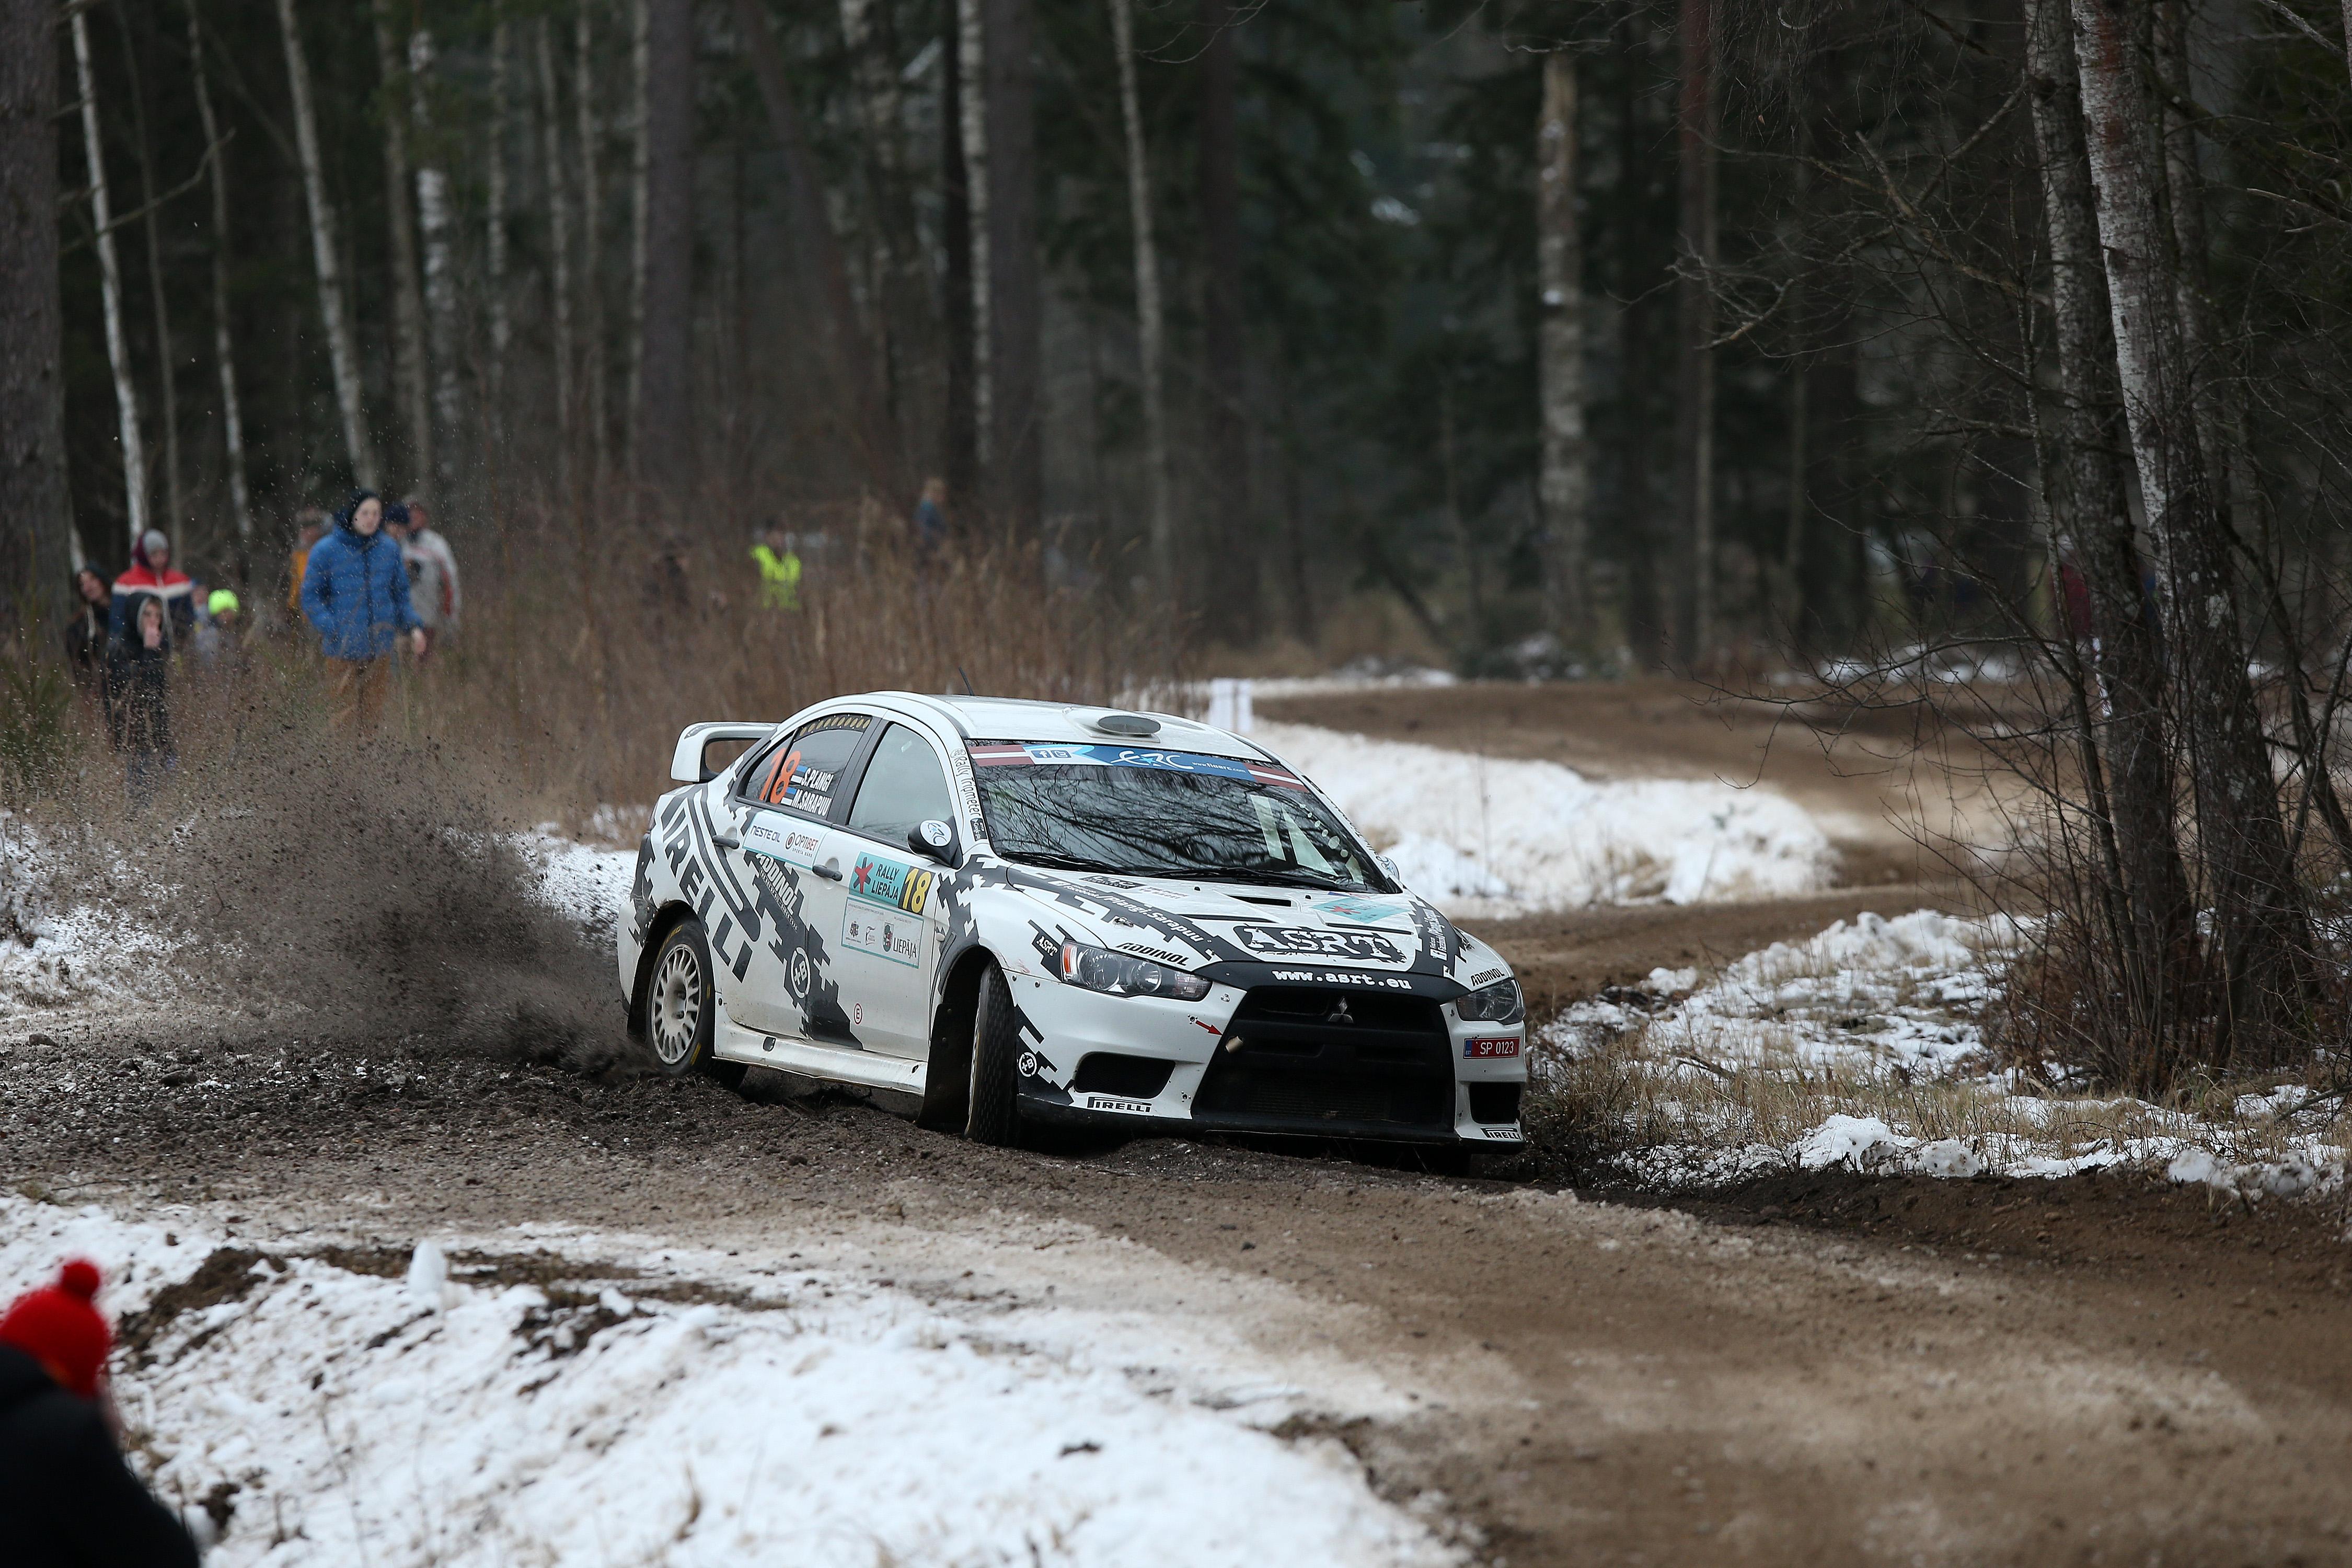 źródło: fia.com  |  Jeszcze nie tak dawno, w Lipawie ścigaliśmy się po śniegu